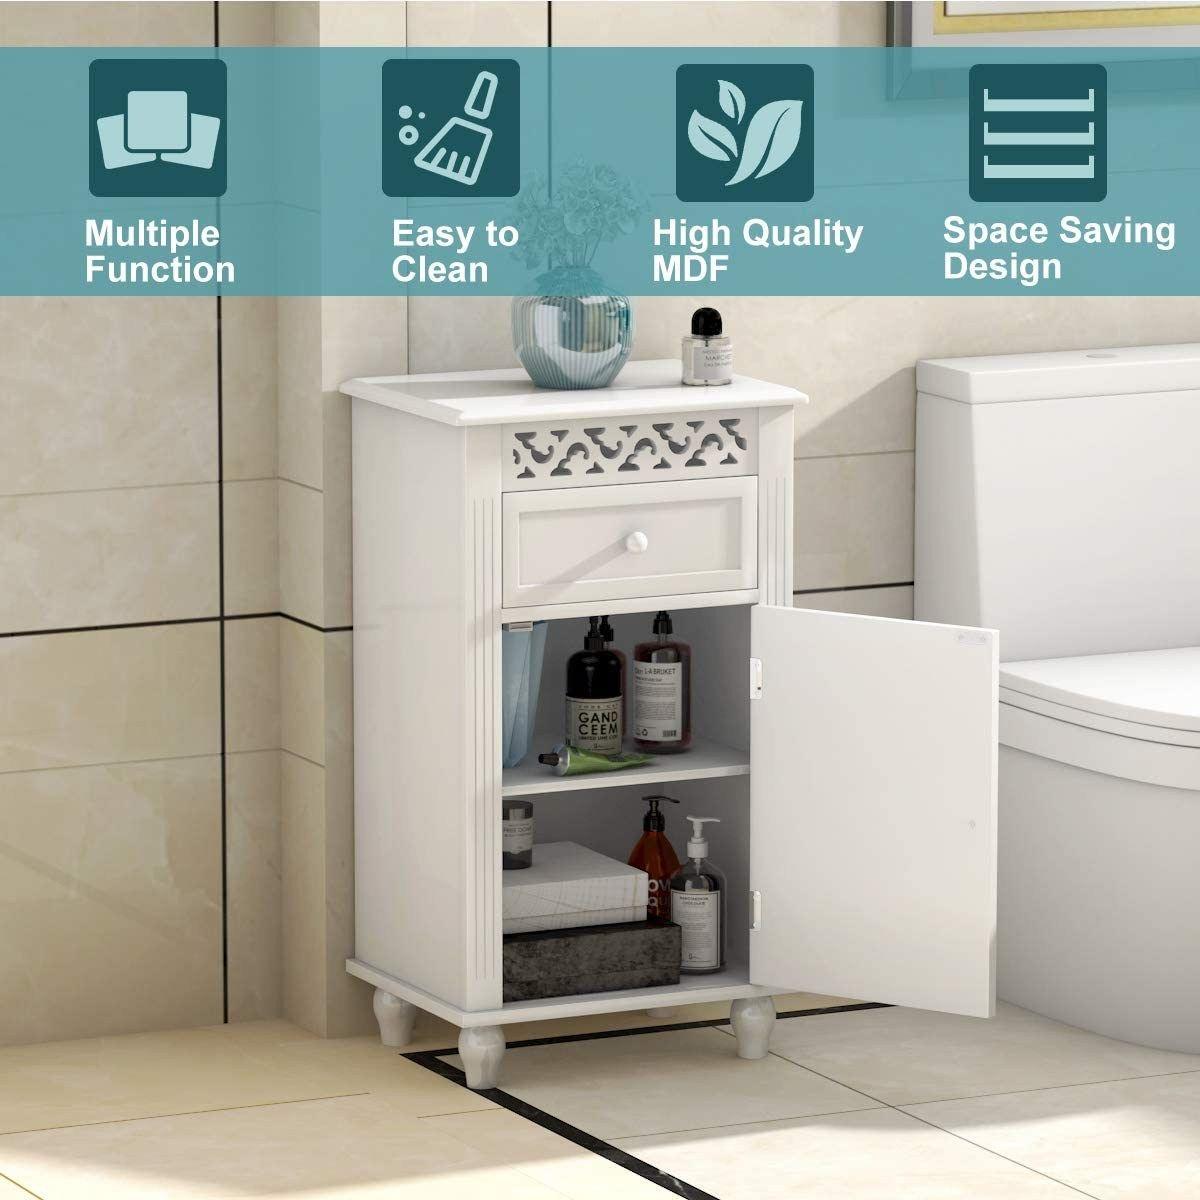 Ktaxon Bathroom Storage Floor Cabinet Wood Bathroom Cupboard Organizer Kitchen Collection Cabinet Shelf White Walmart Com In 2020 Cupboards Organization Wood Bathroom Wood Cabinets